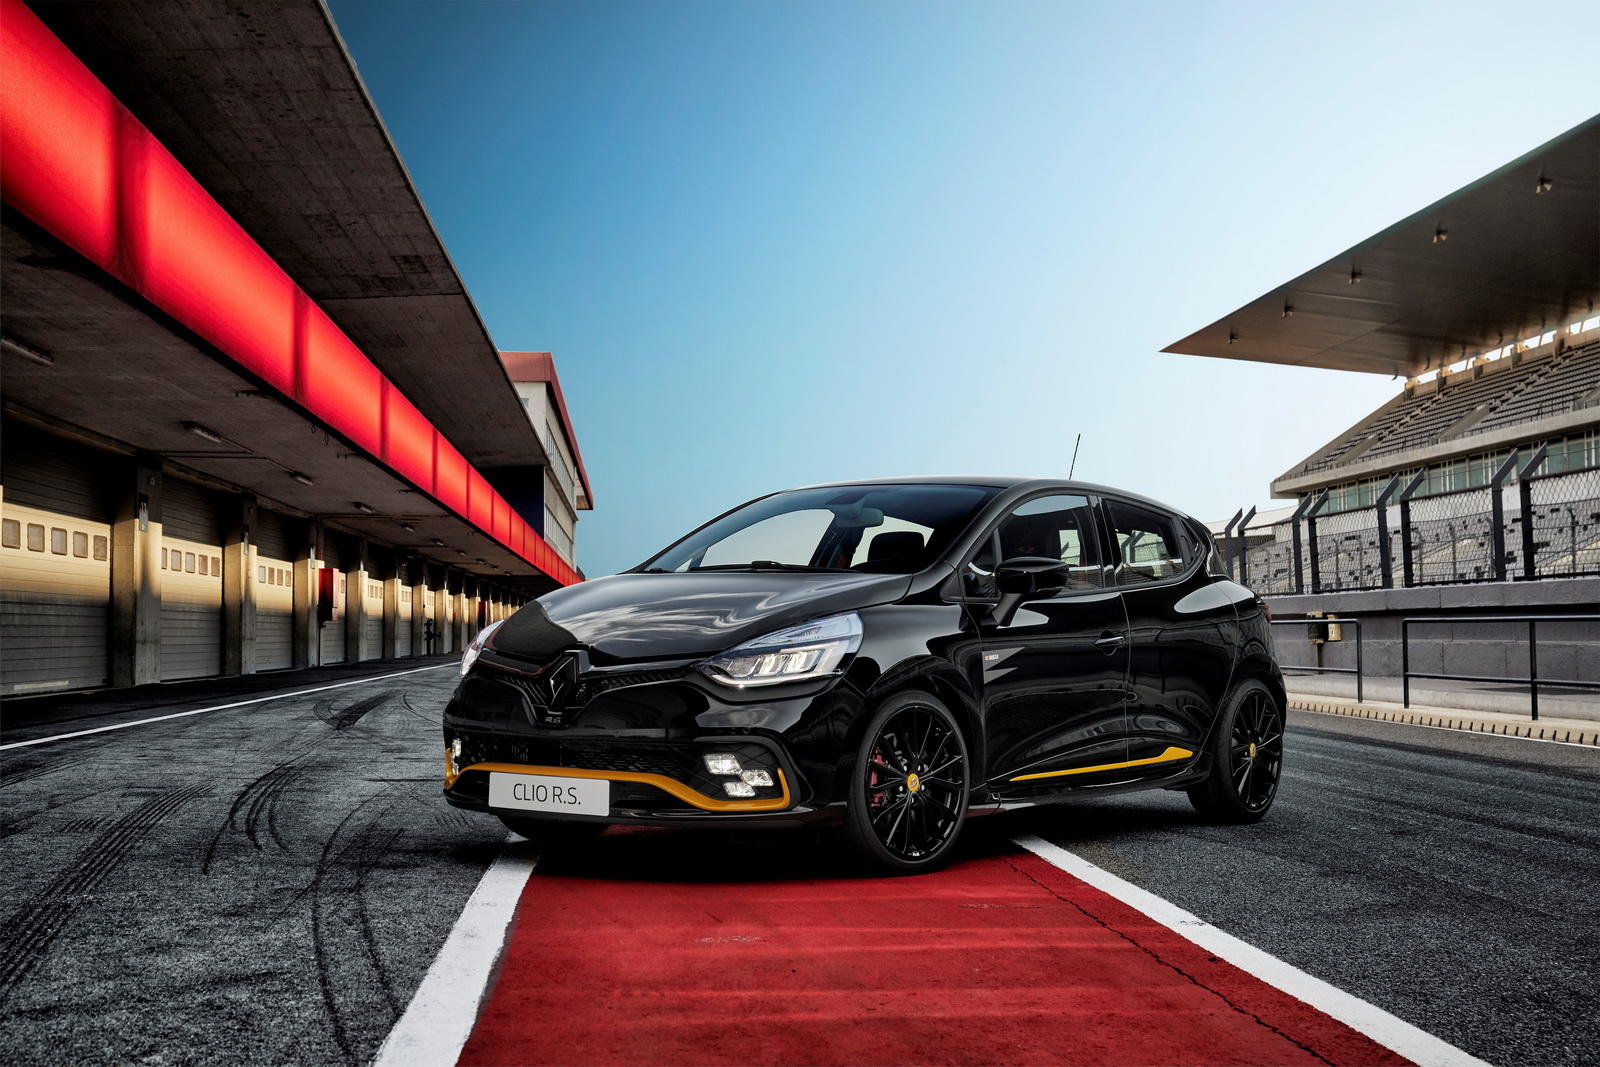 Подразделение известного французского автопроизводителя Renault Sport опубликовало на официальном Интернет-портале изображение новинки – специальной версии высокопроизводительного компактного хэтчбека Renault Clio R.S.